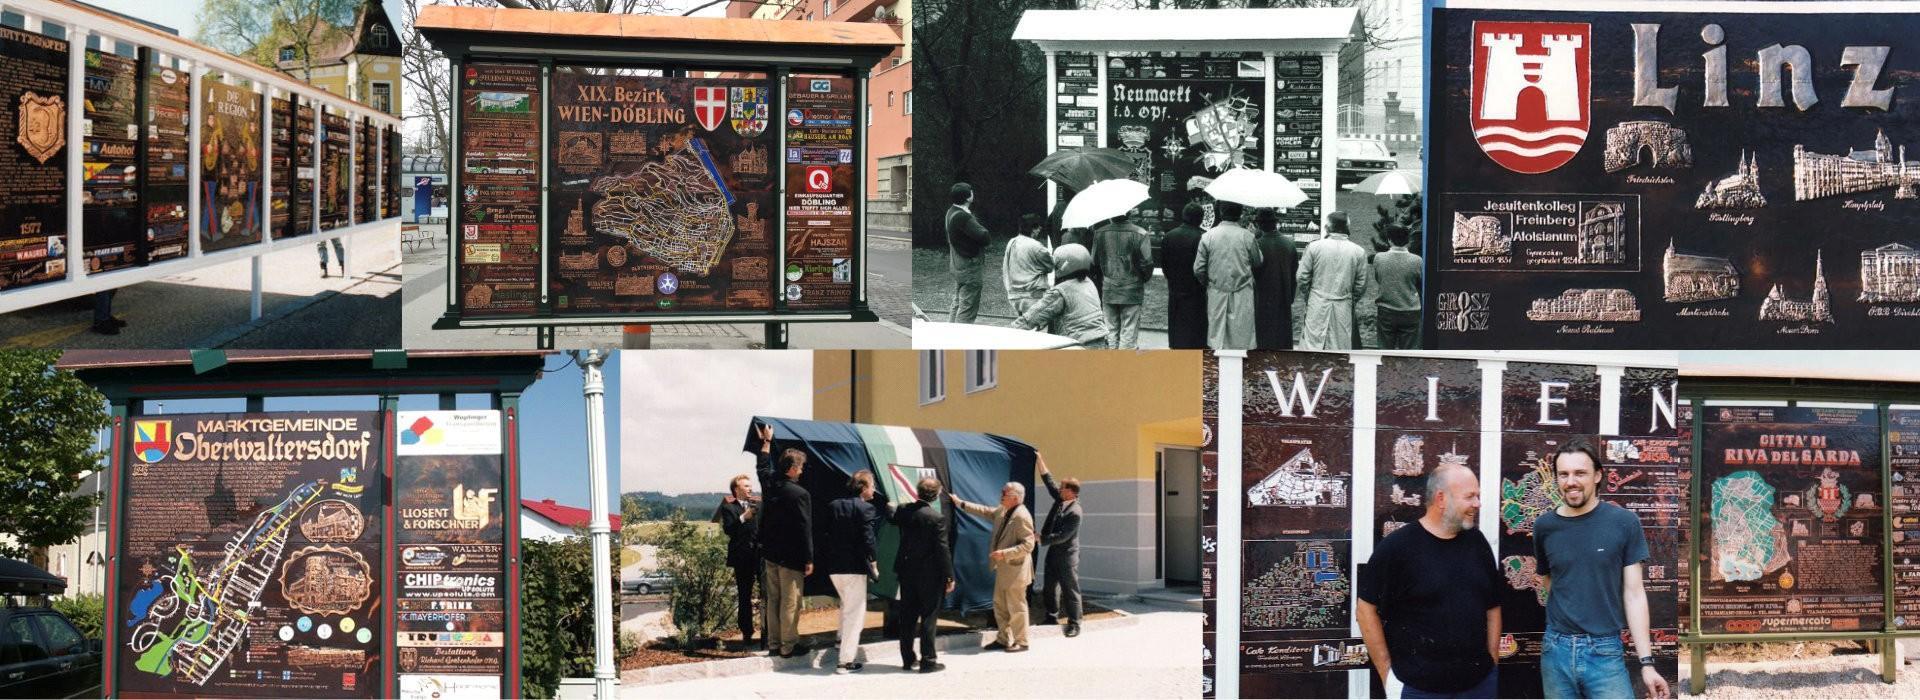 Kupfer Informationsanlagen Stadtausstellung Gemeindeausstellung